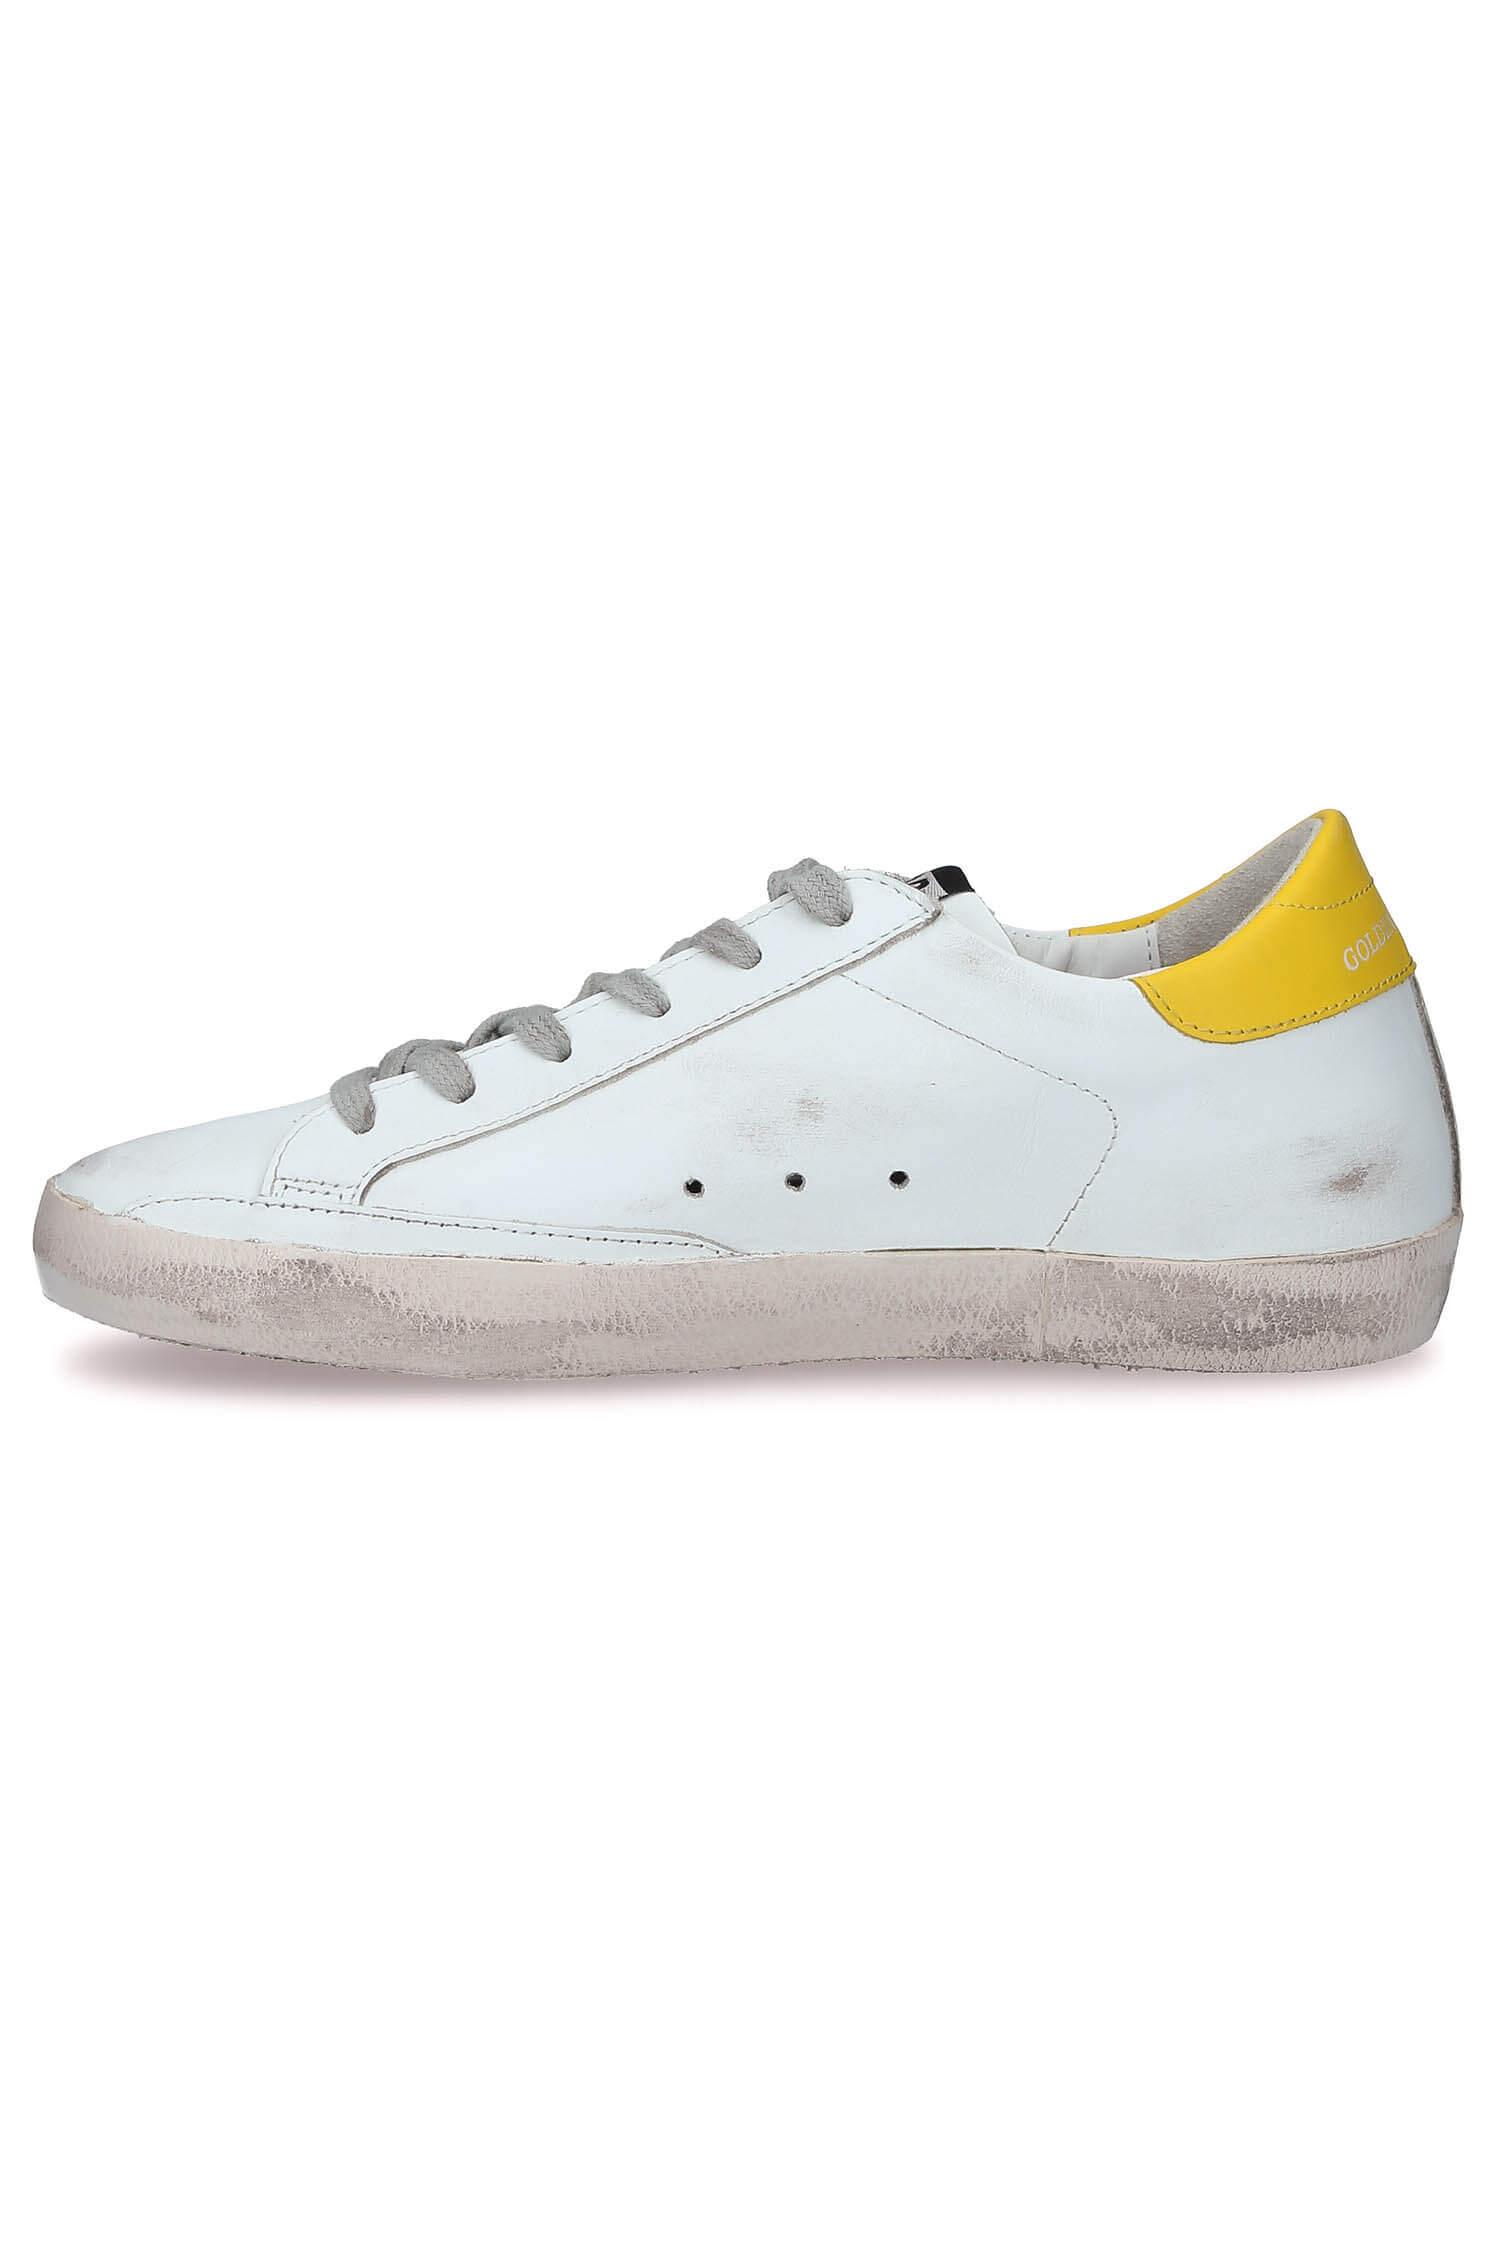 Sneakers Superstar Blanche Et Jaune Golden Goose